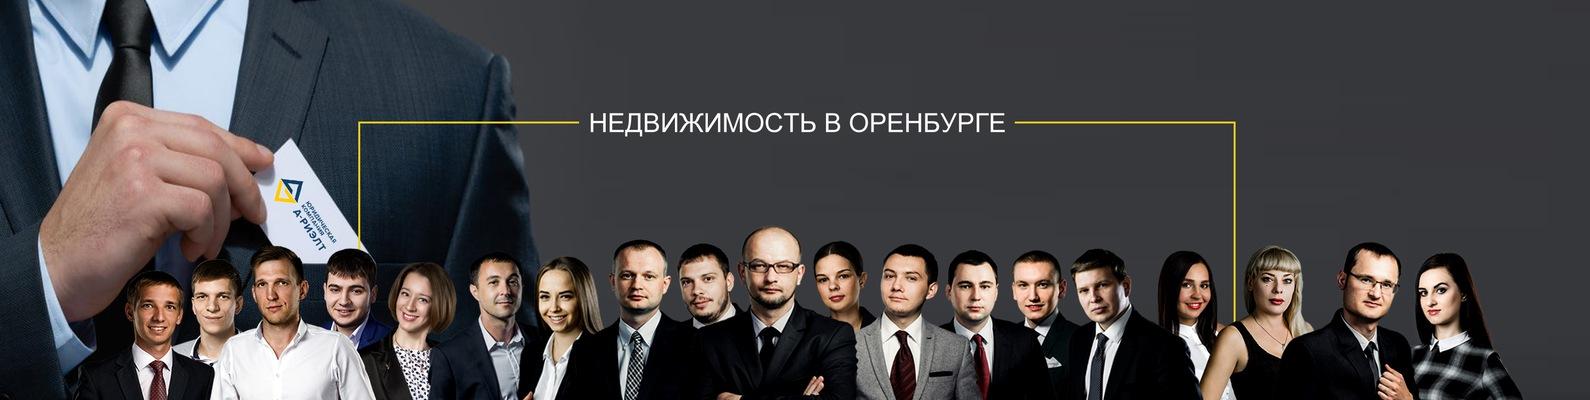 Exstazy Закладка Октябрьский Эйфоретик анонимно Уфа